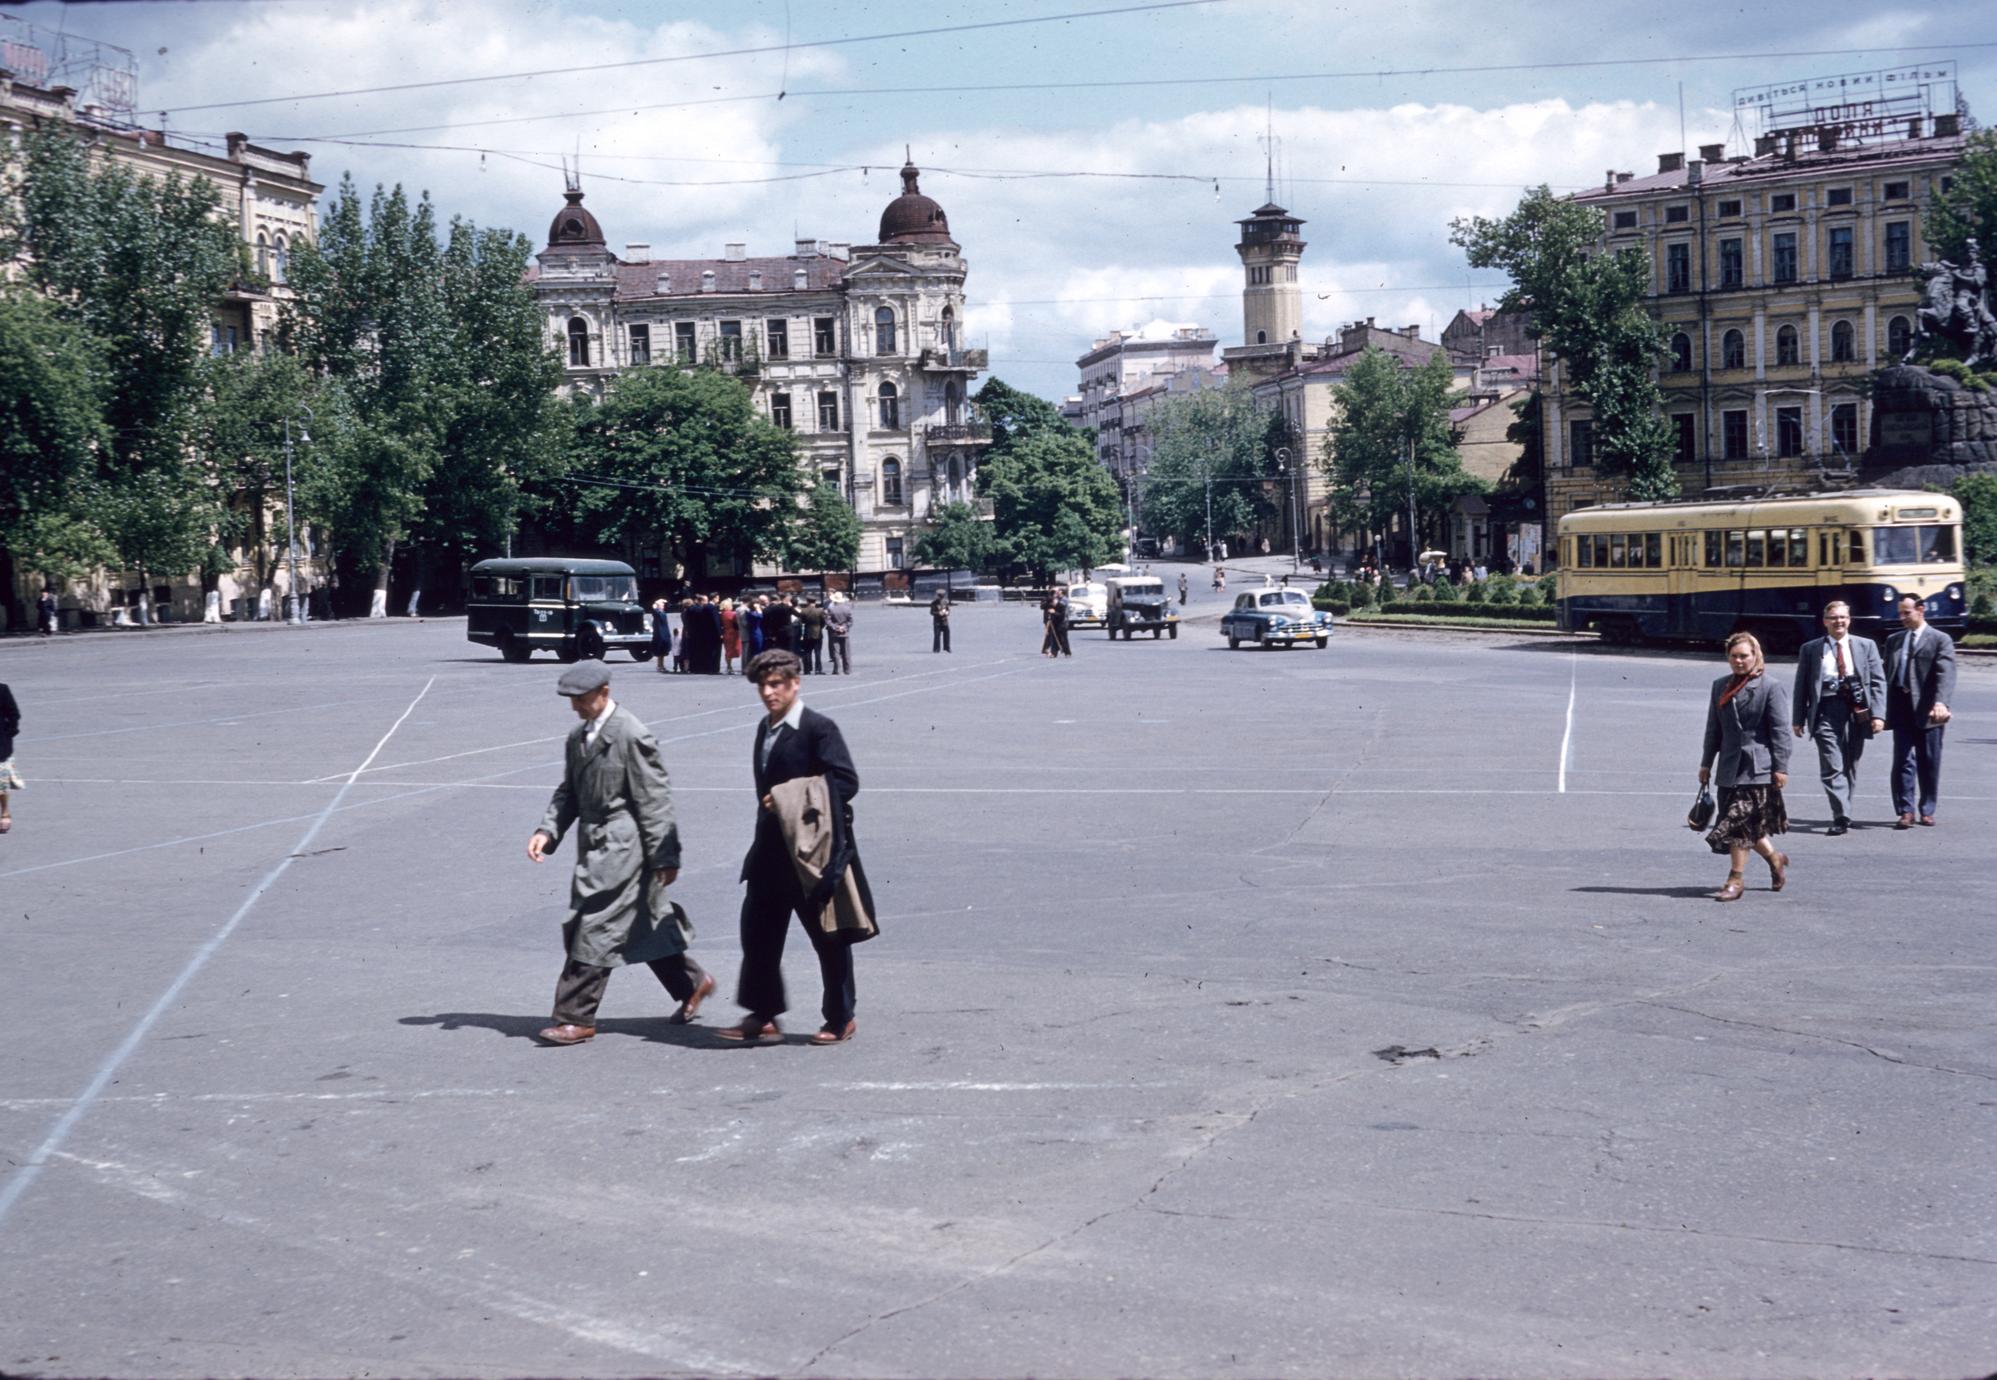 Kiev city square